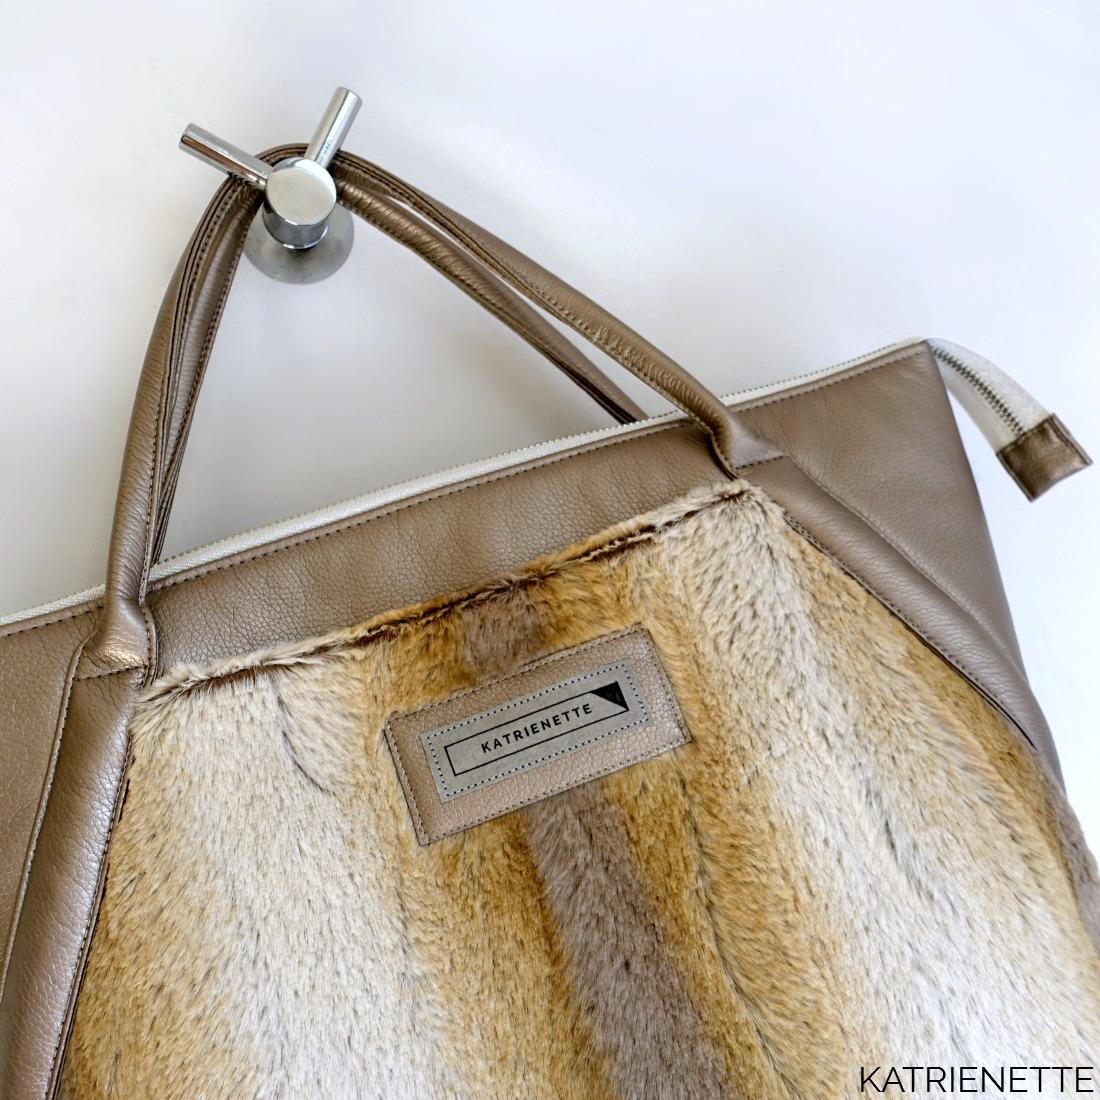 dded312edee Katrienette Mathilda mijn tas mijntas 2 twee II blogtour kunstleer nepleer  imitation leather fake faux fur